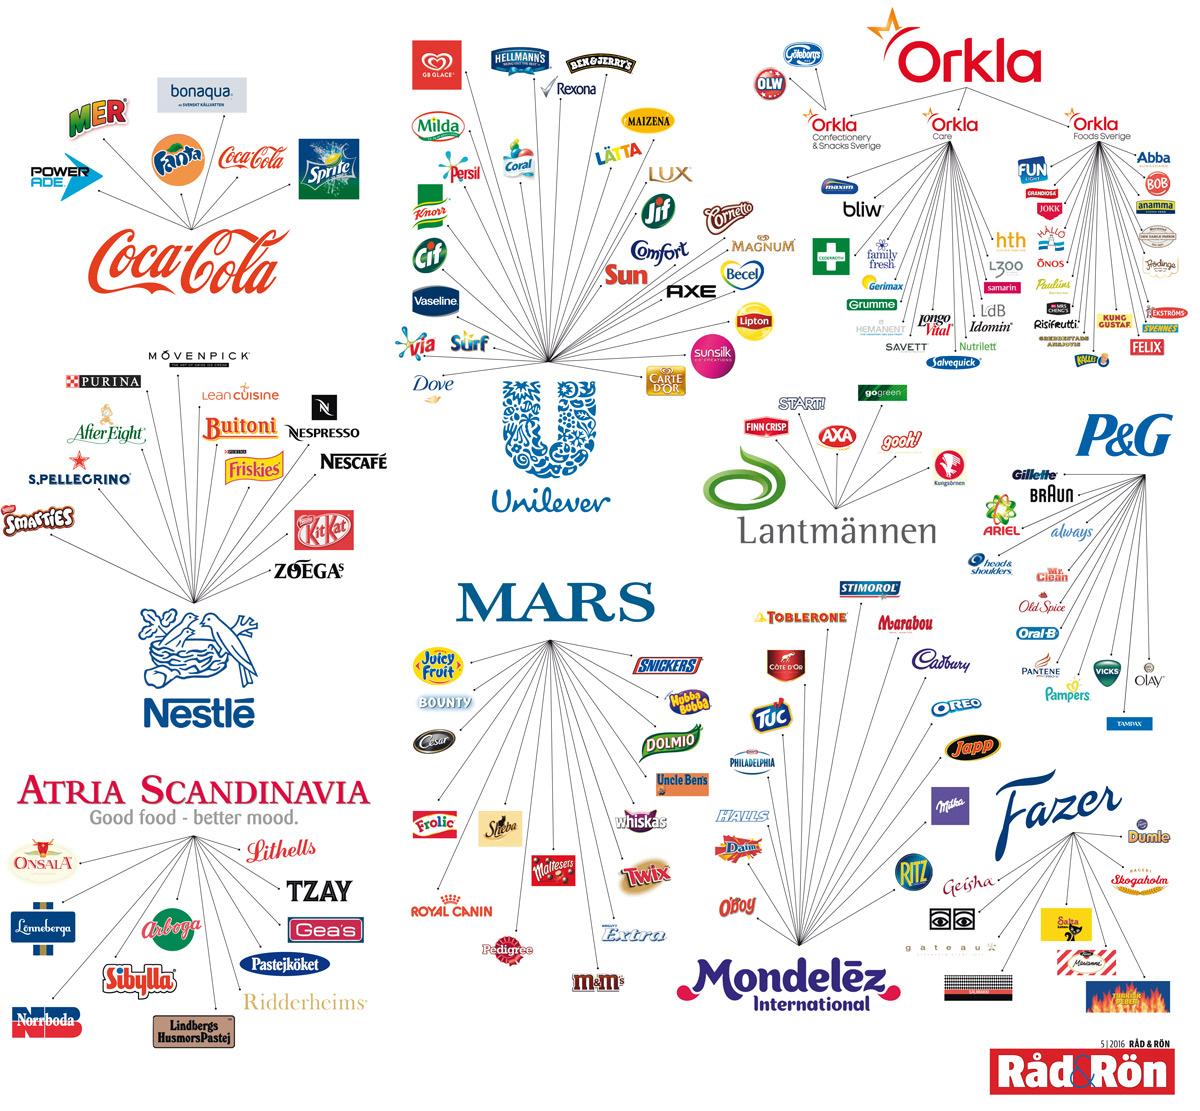 Franks Body Shop >> Råd&Rön - Företagen bakom märkena